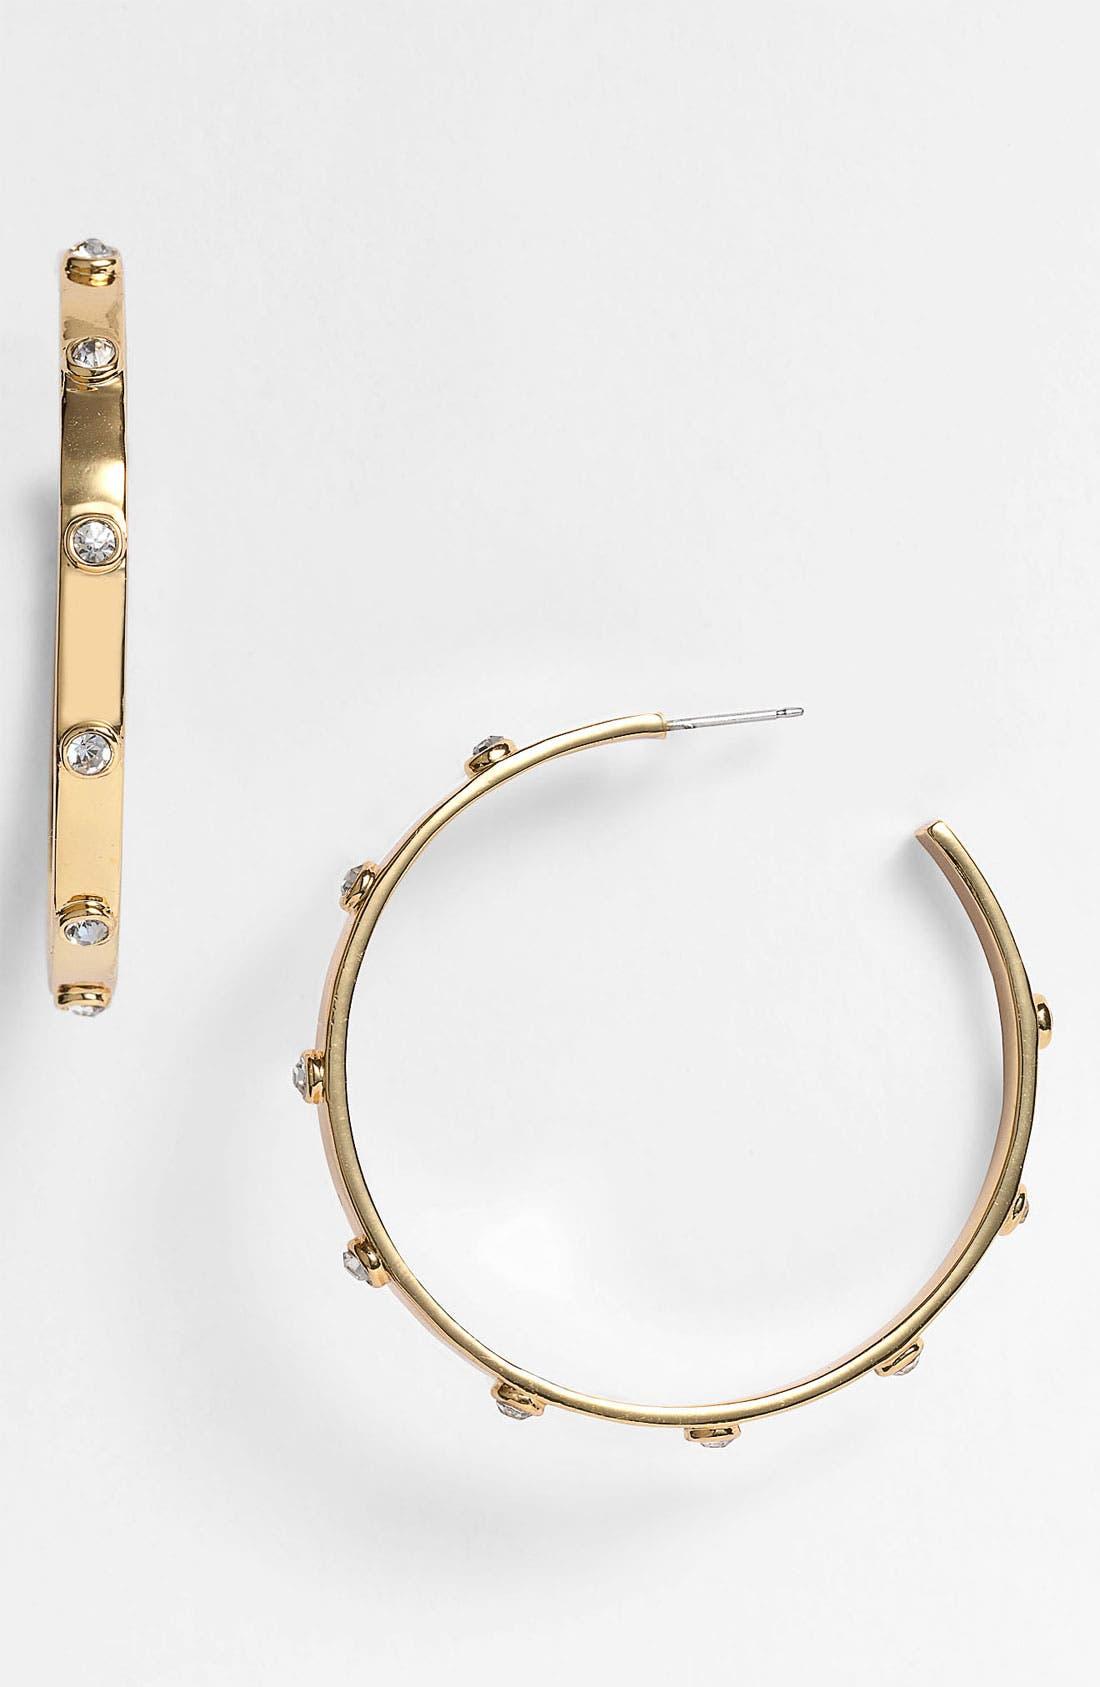 Main Image - Vince Camuto 'Speakeasy' Hoop Earrings